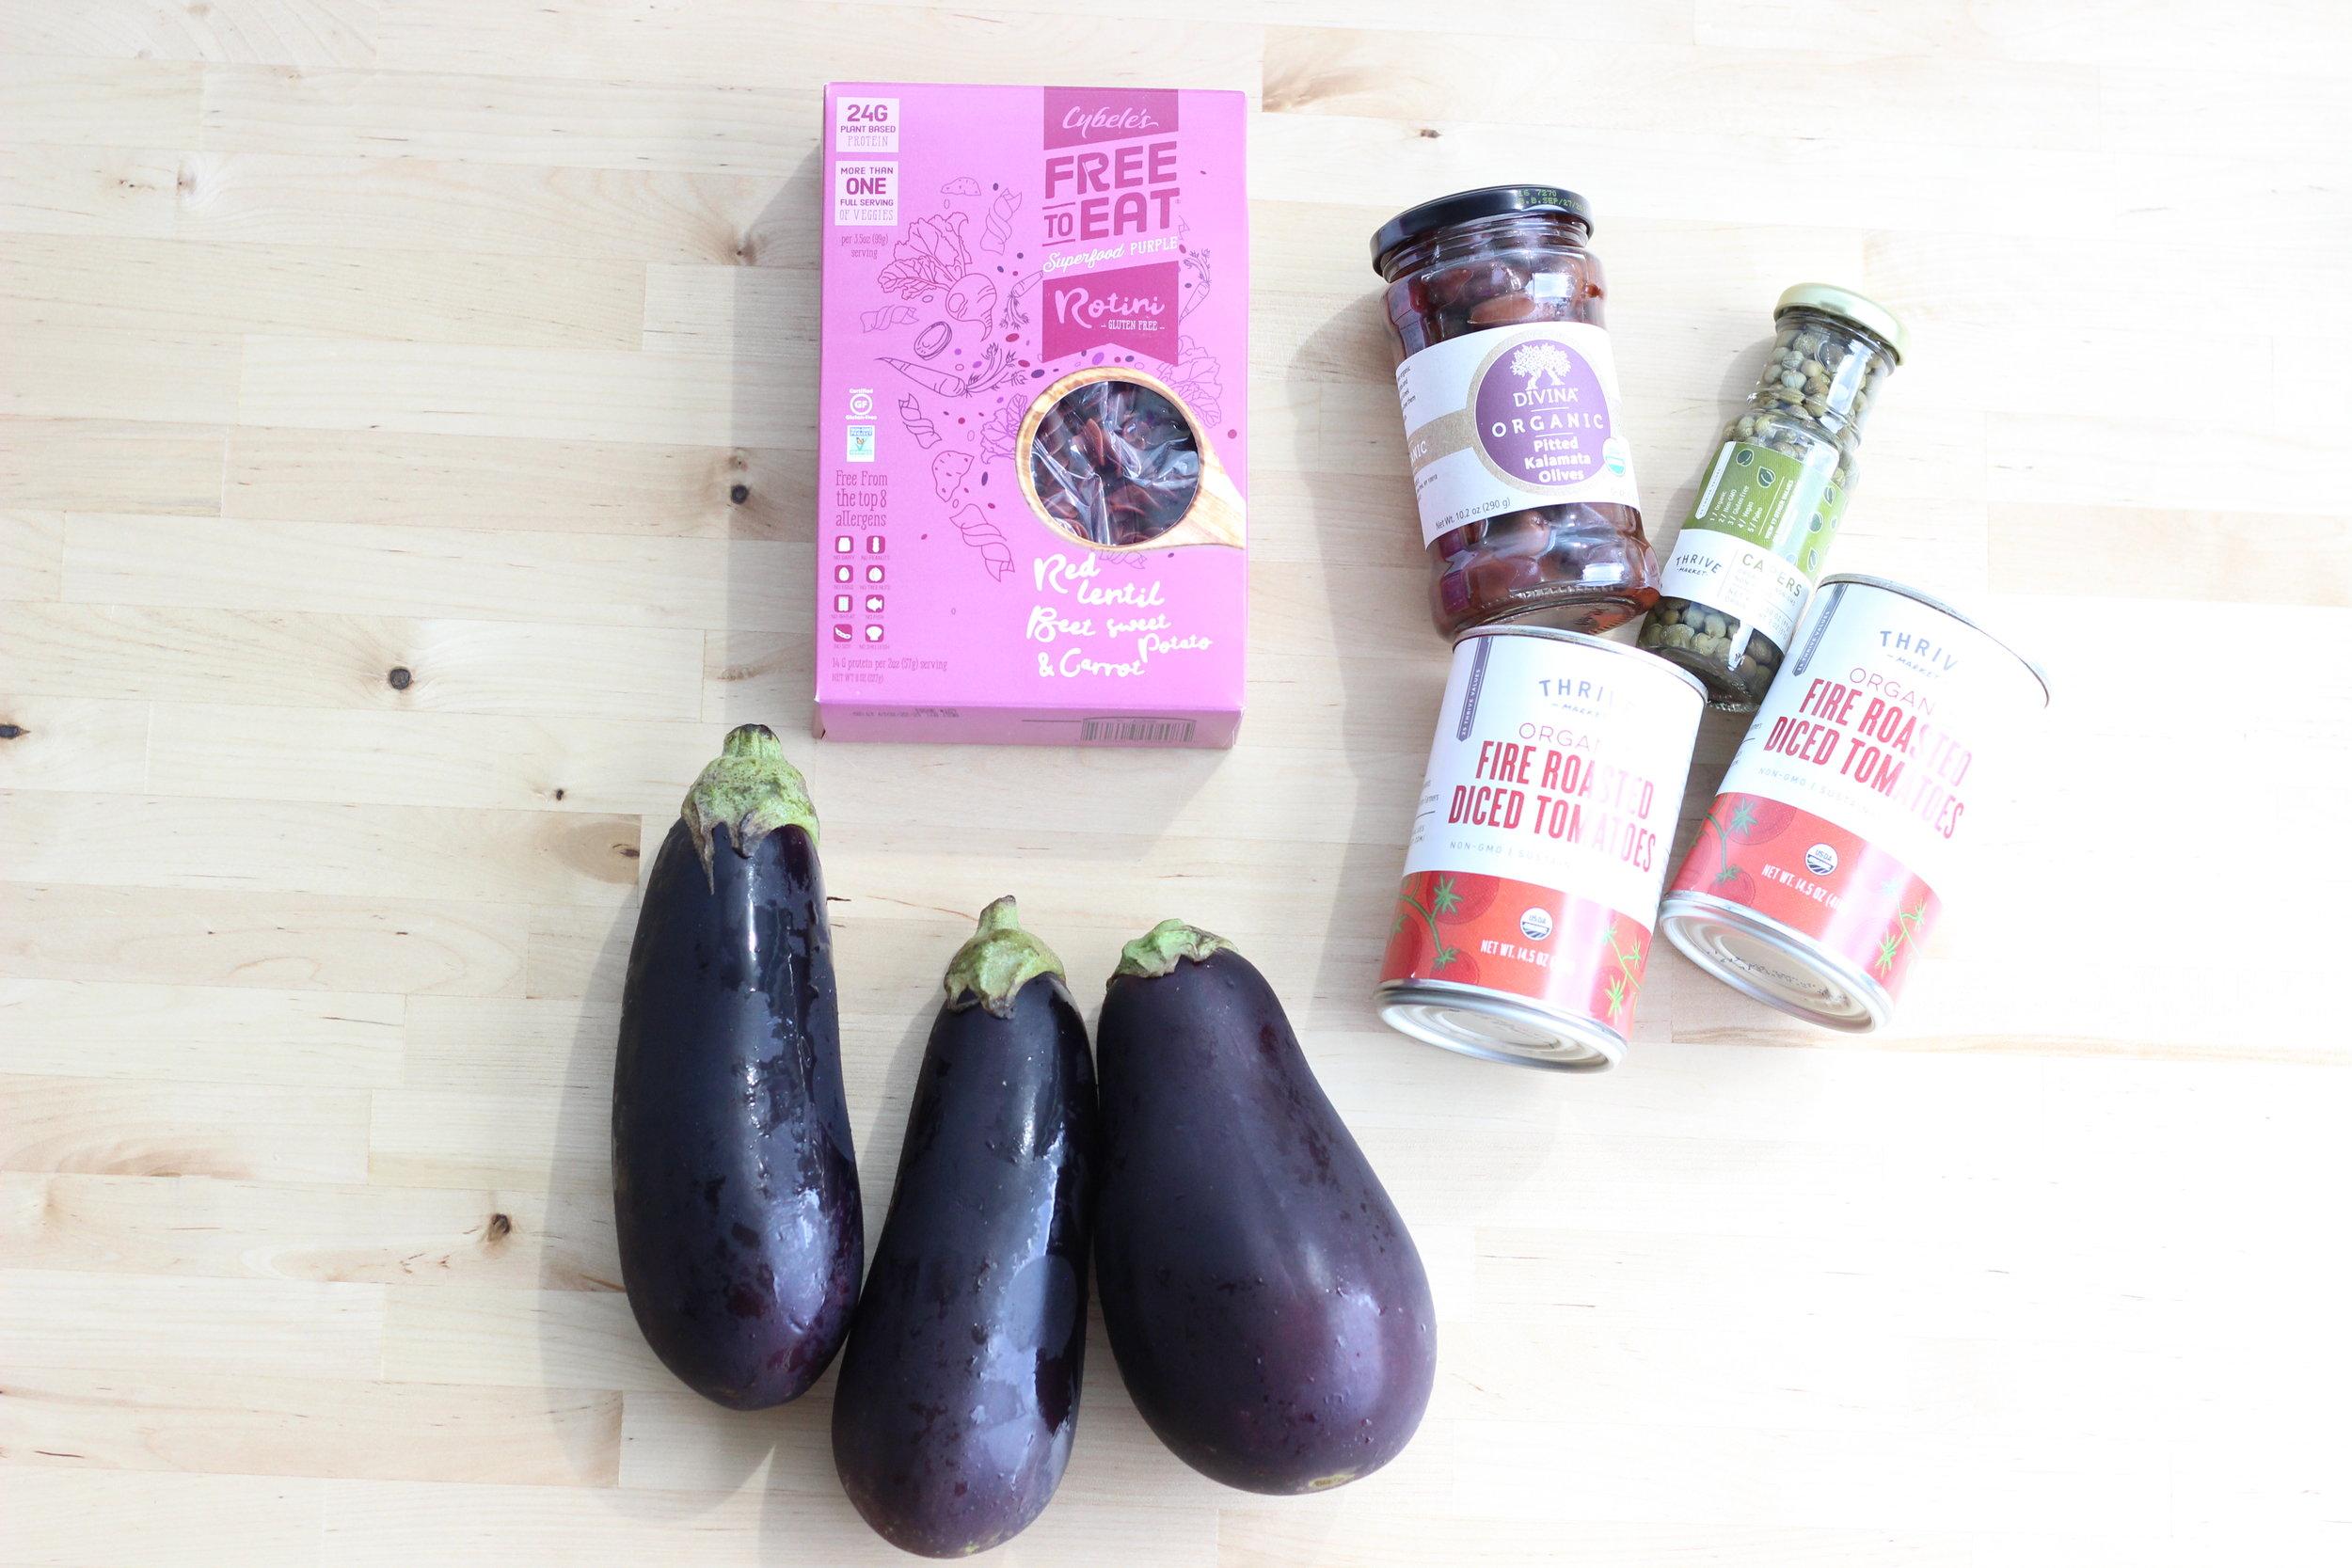 eggplant rotini ingredients.jpg